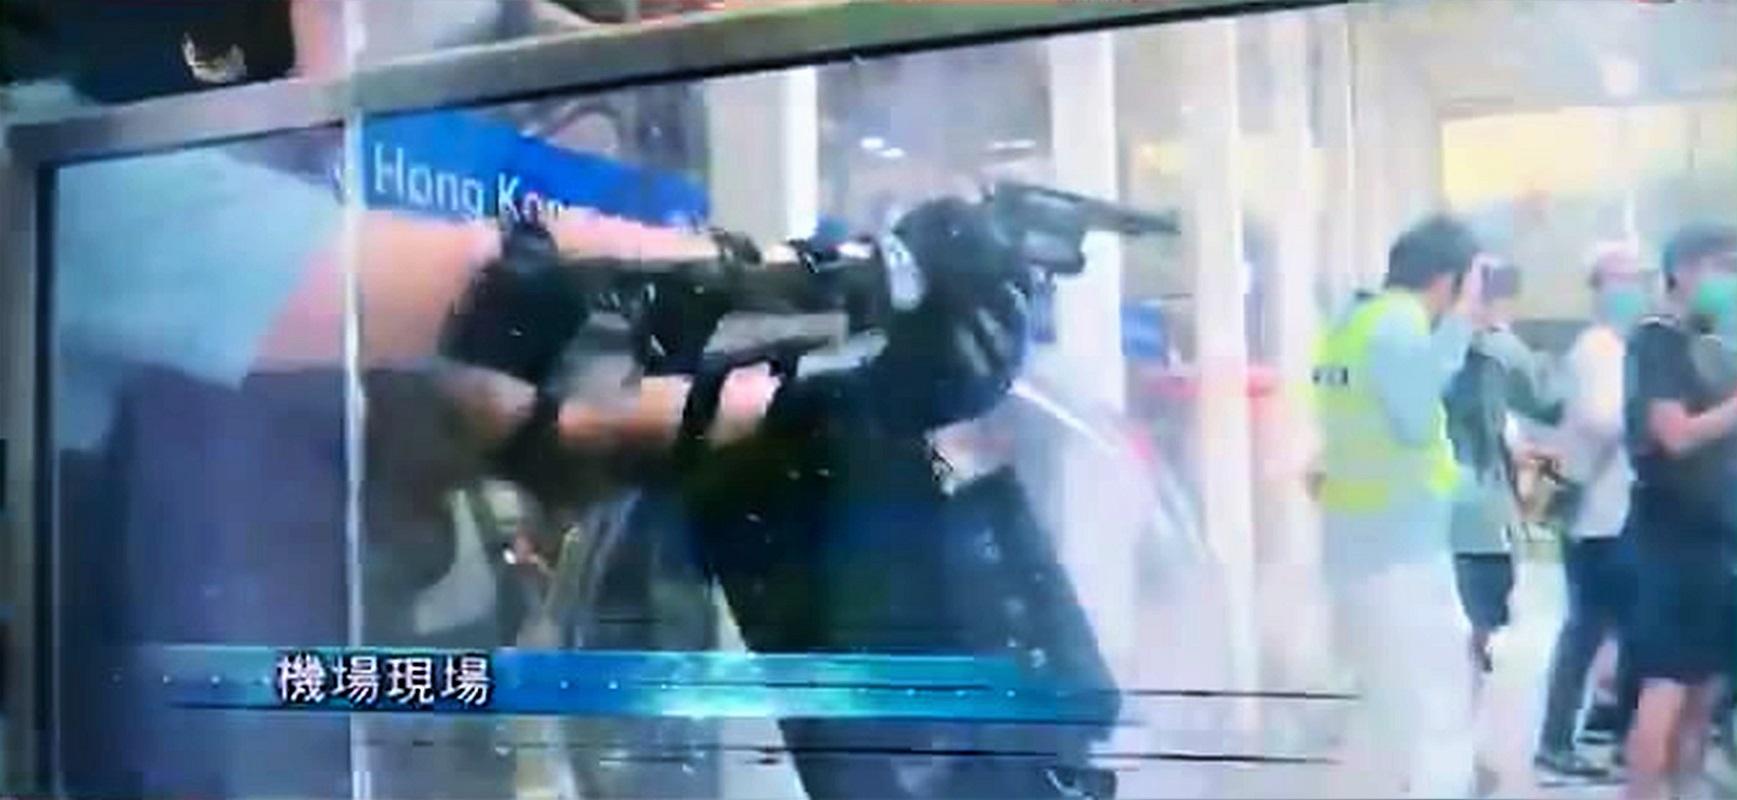 有落單警員一度擎槍指向示威者。無線新聞截圖